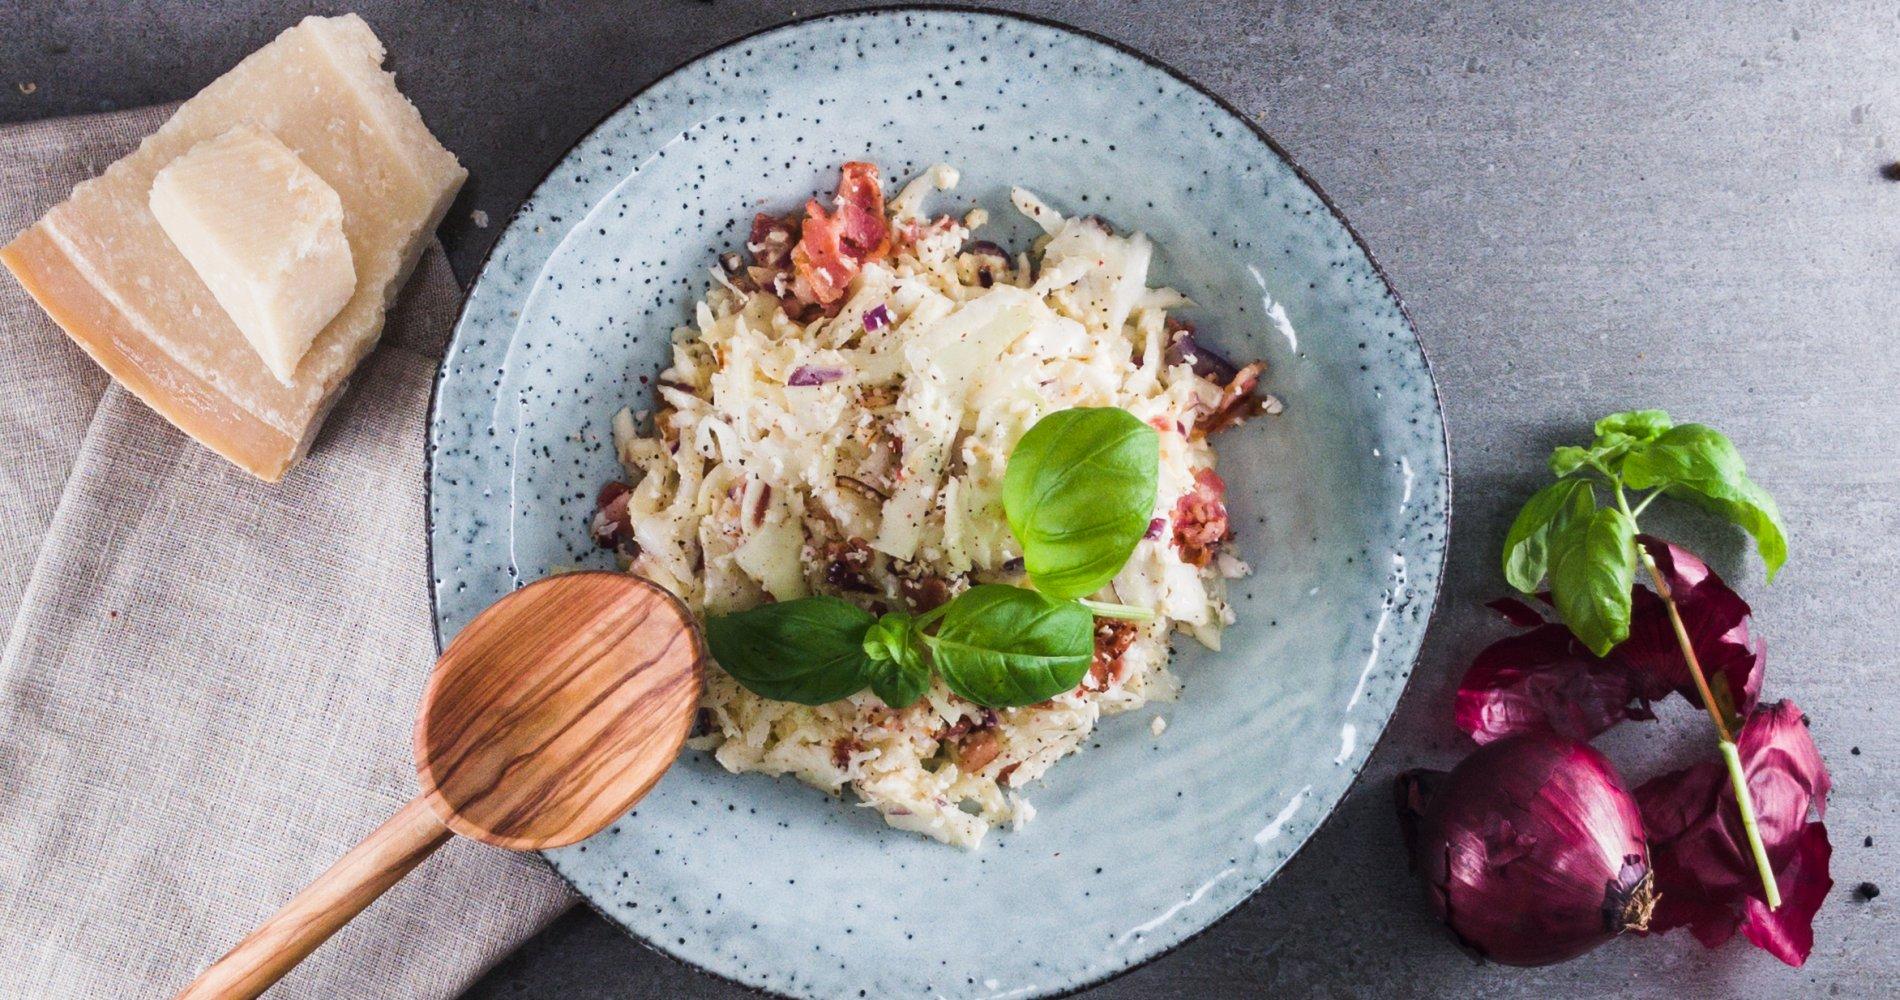 Rezept Low Carb: Spaghetti Carbonara - LCHF-gesund.de